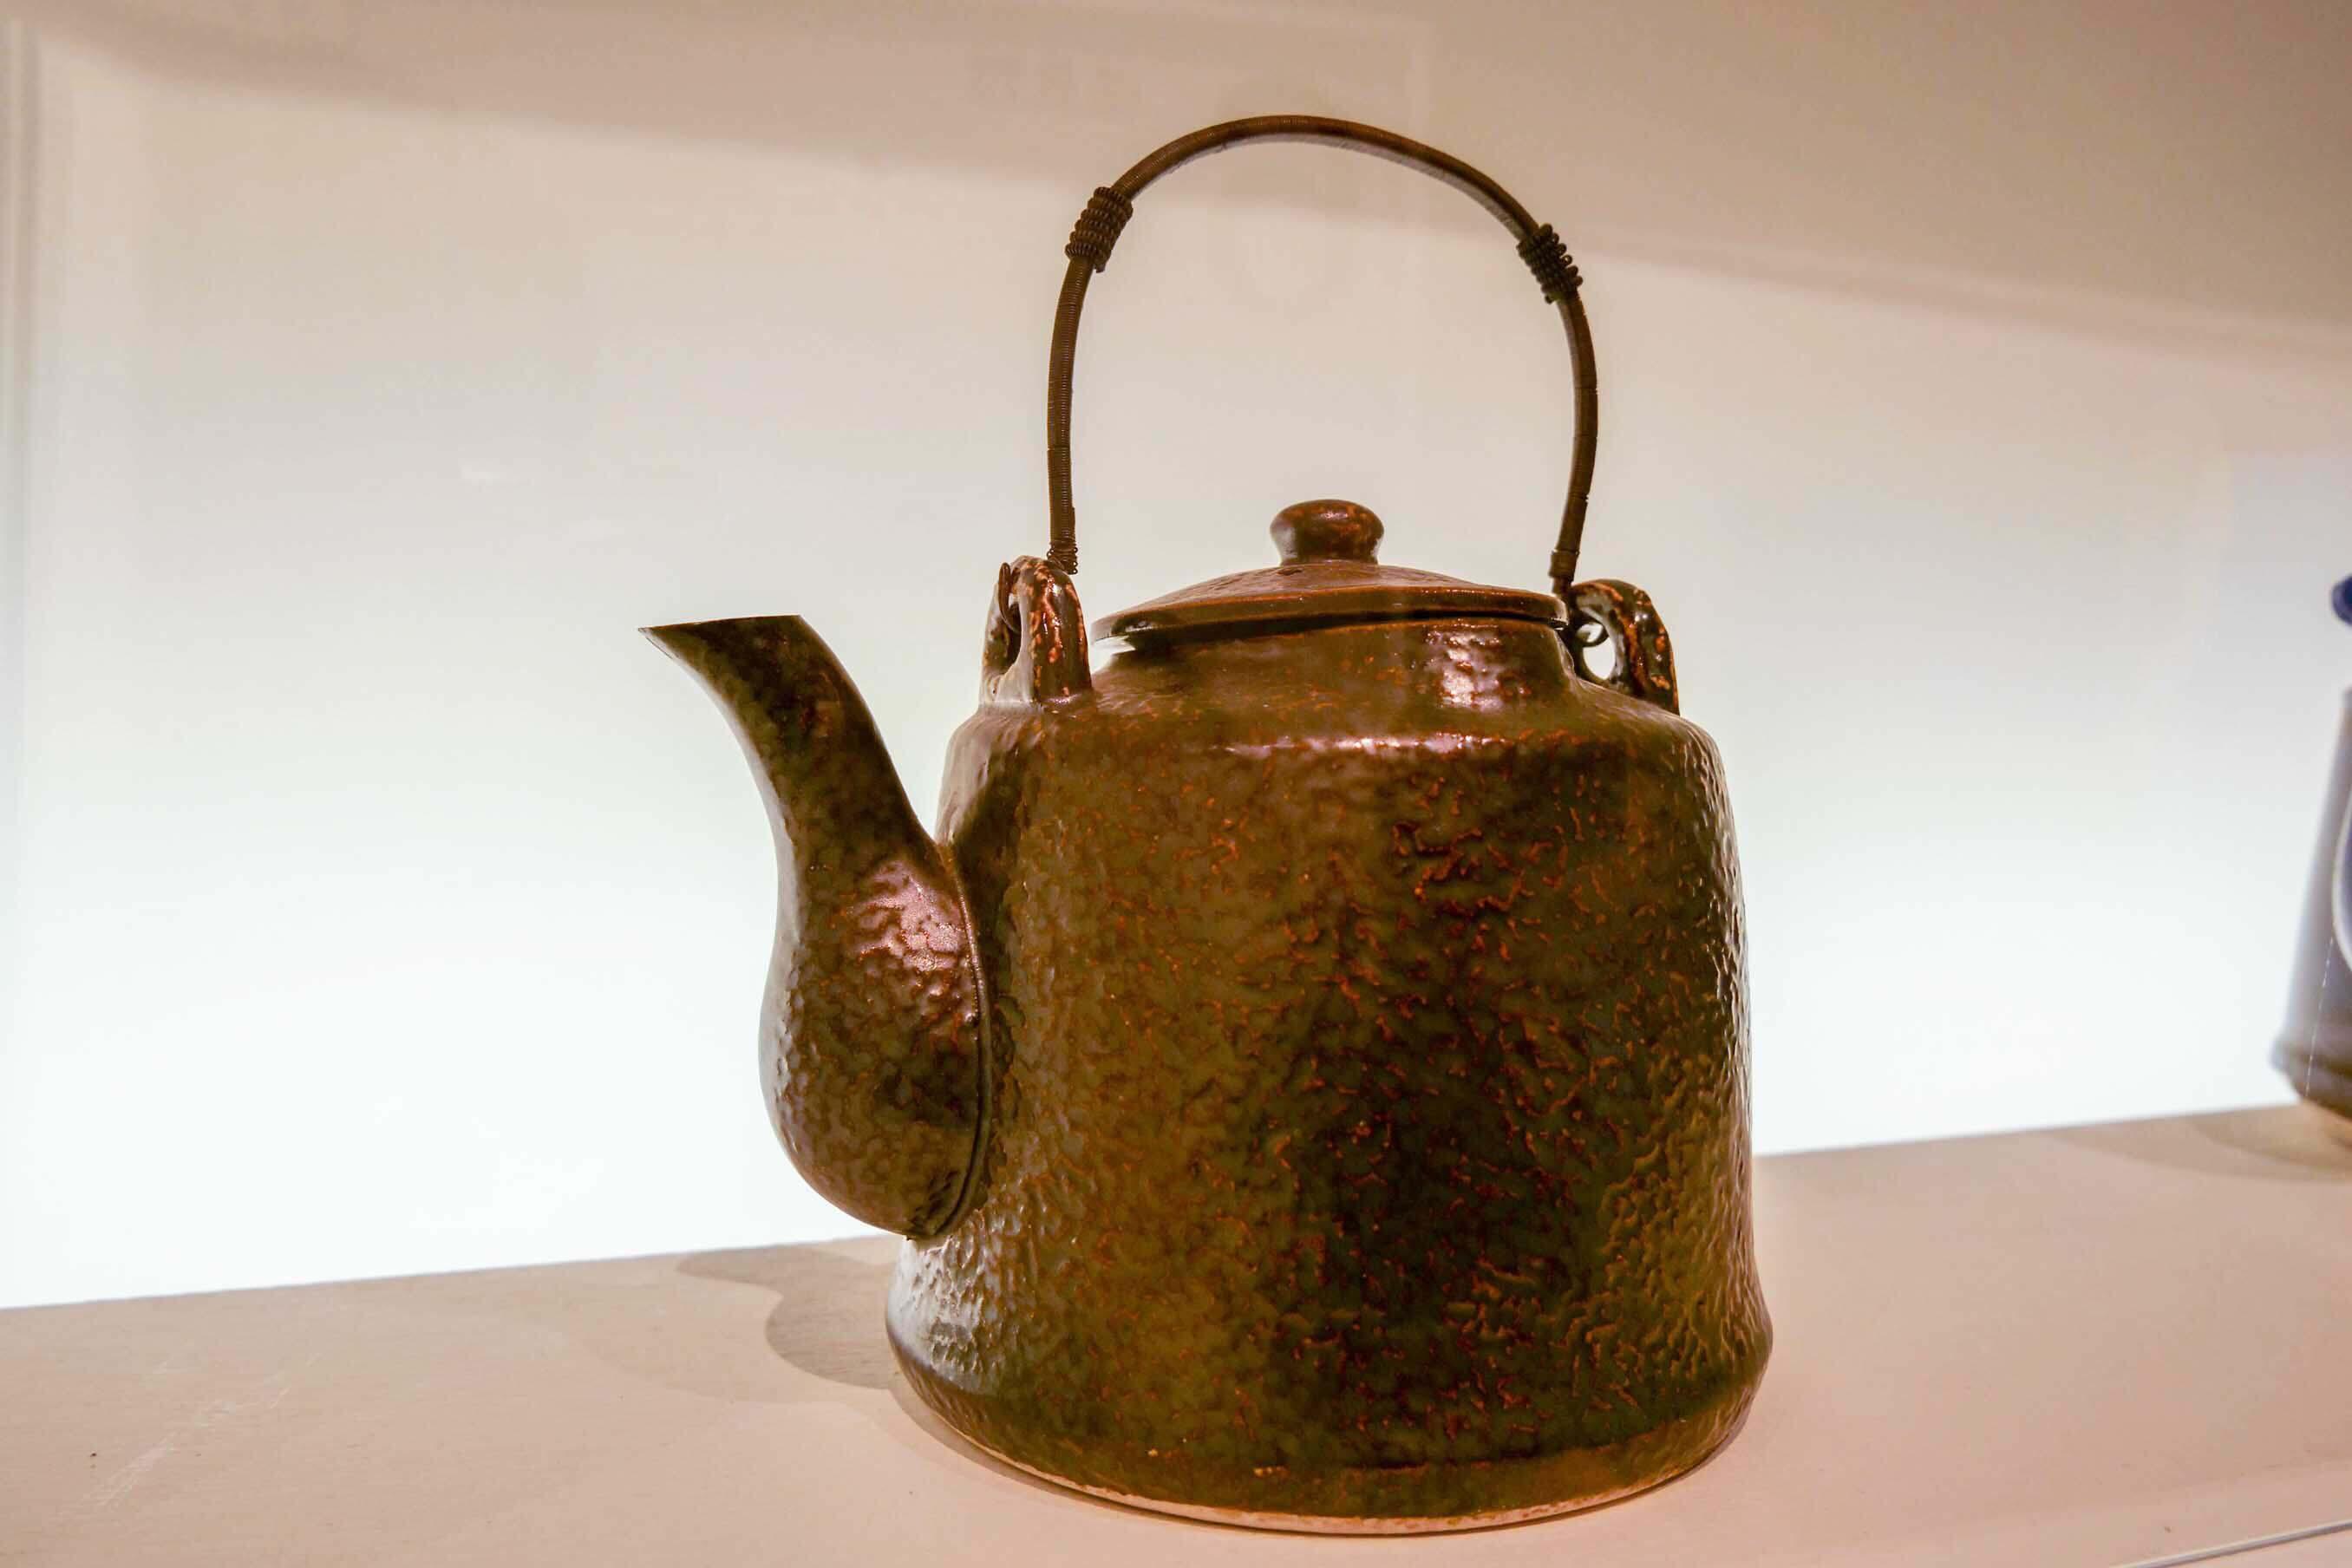 鉄瓶を模した陶製やかん。表面に凹凸をつけ、鉄瓶の質感も表現されていました